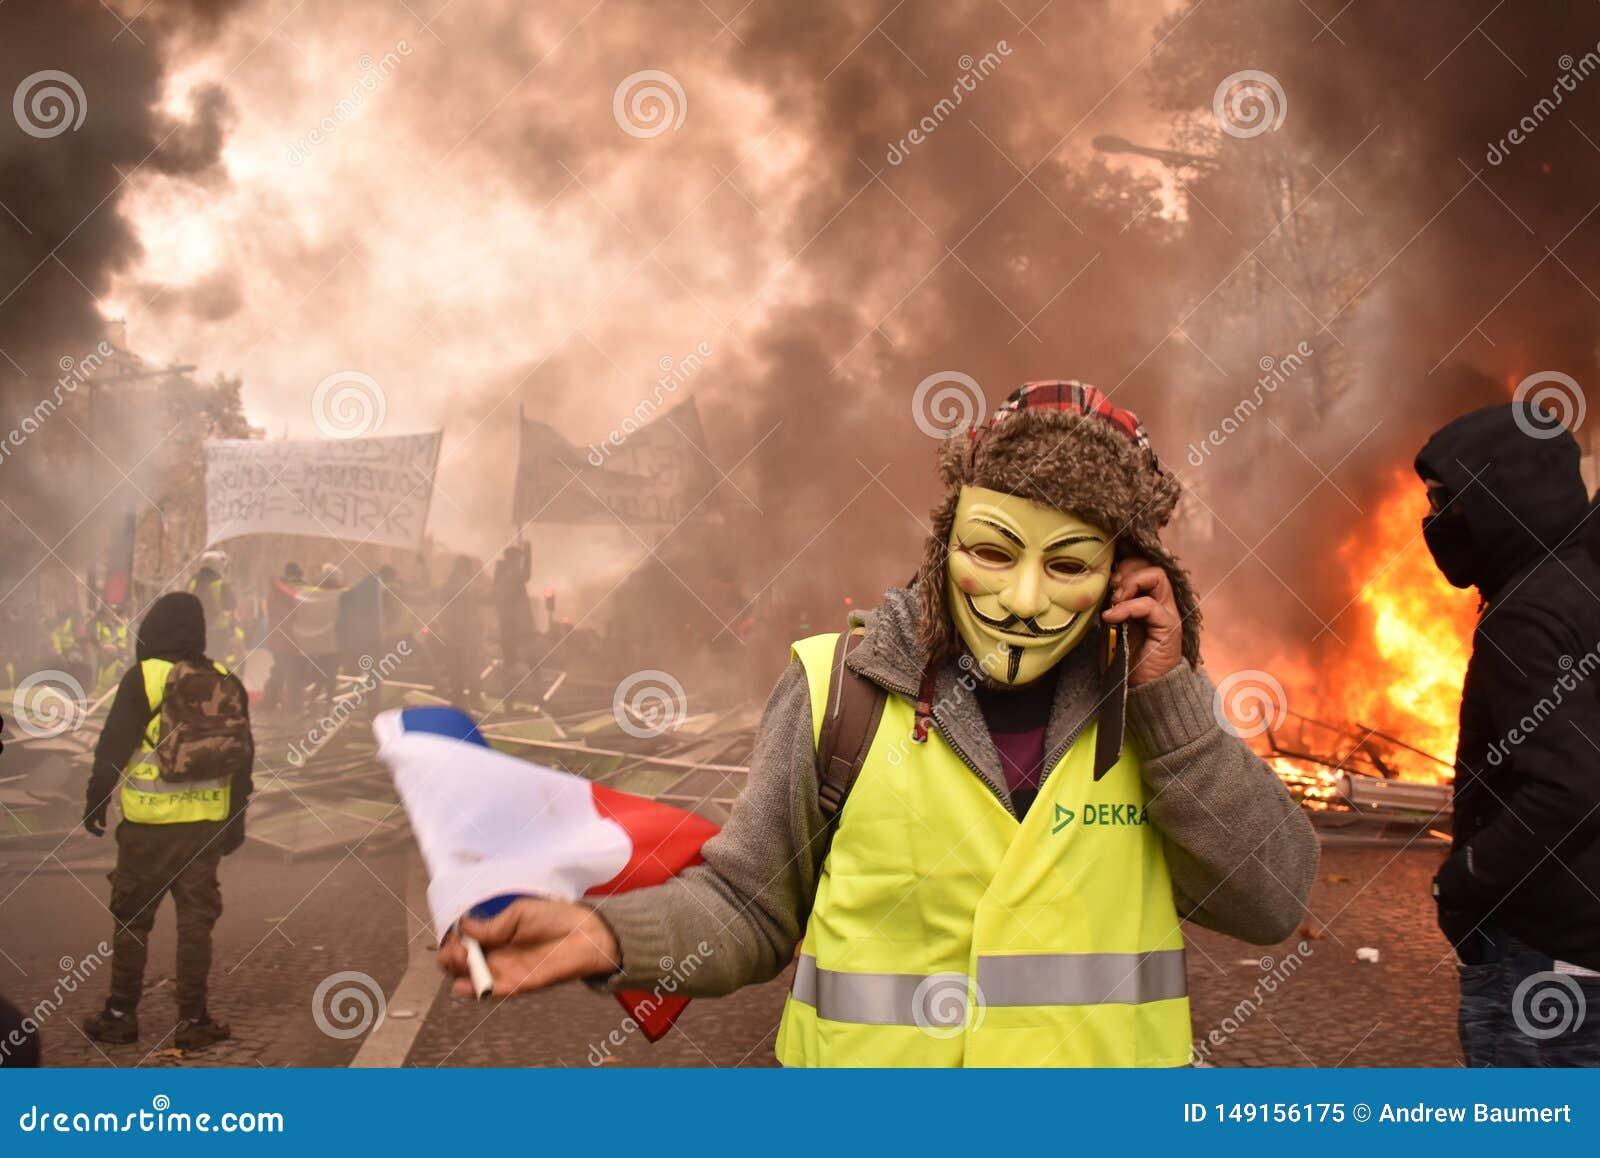 Francuski Żółty kamizelki Protestor jest ubranym Guy Fawkes maskę przy demonstracją w Paryż